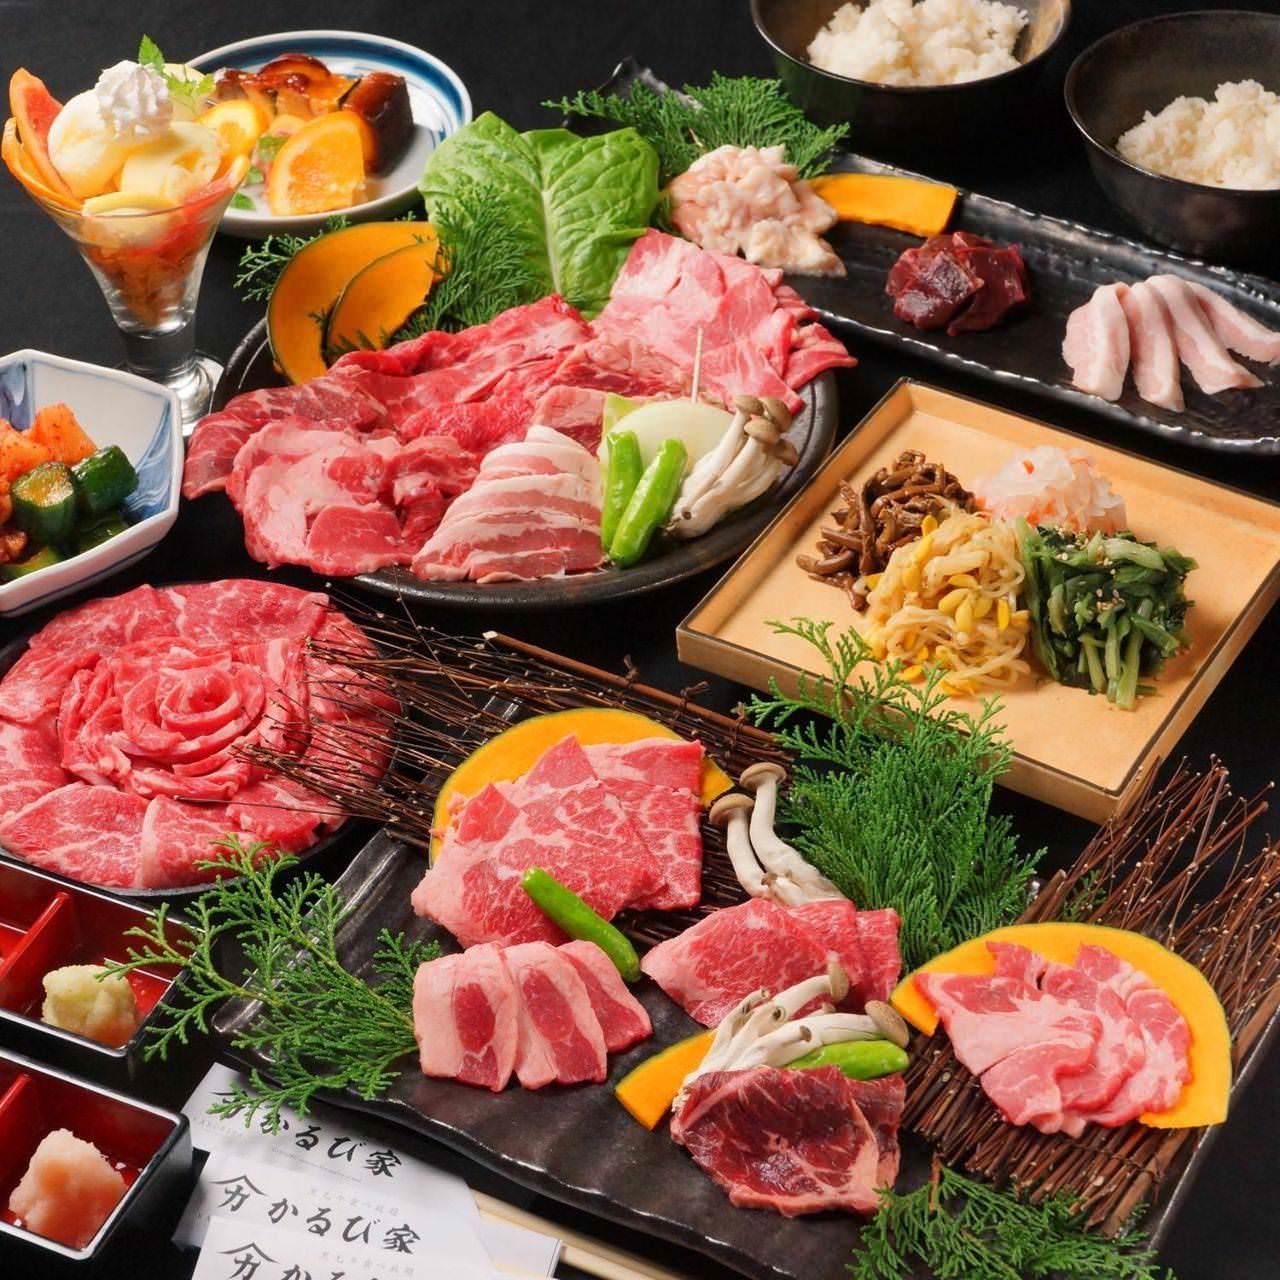 満腹!満足!食べ放題3300円~